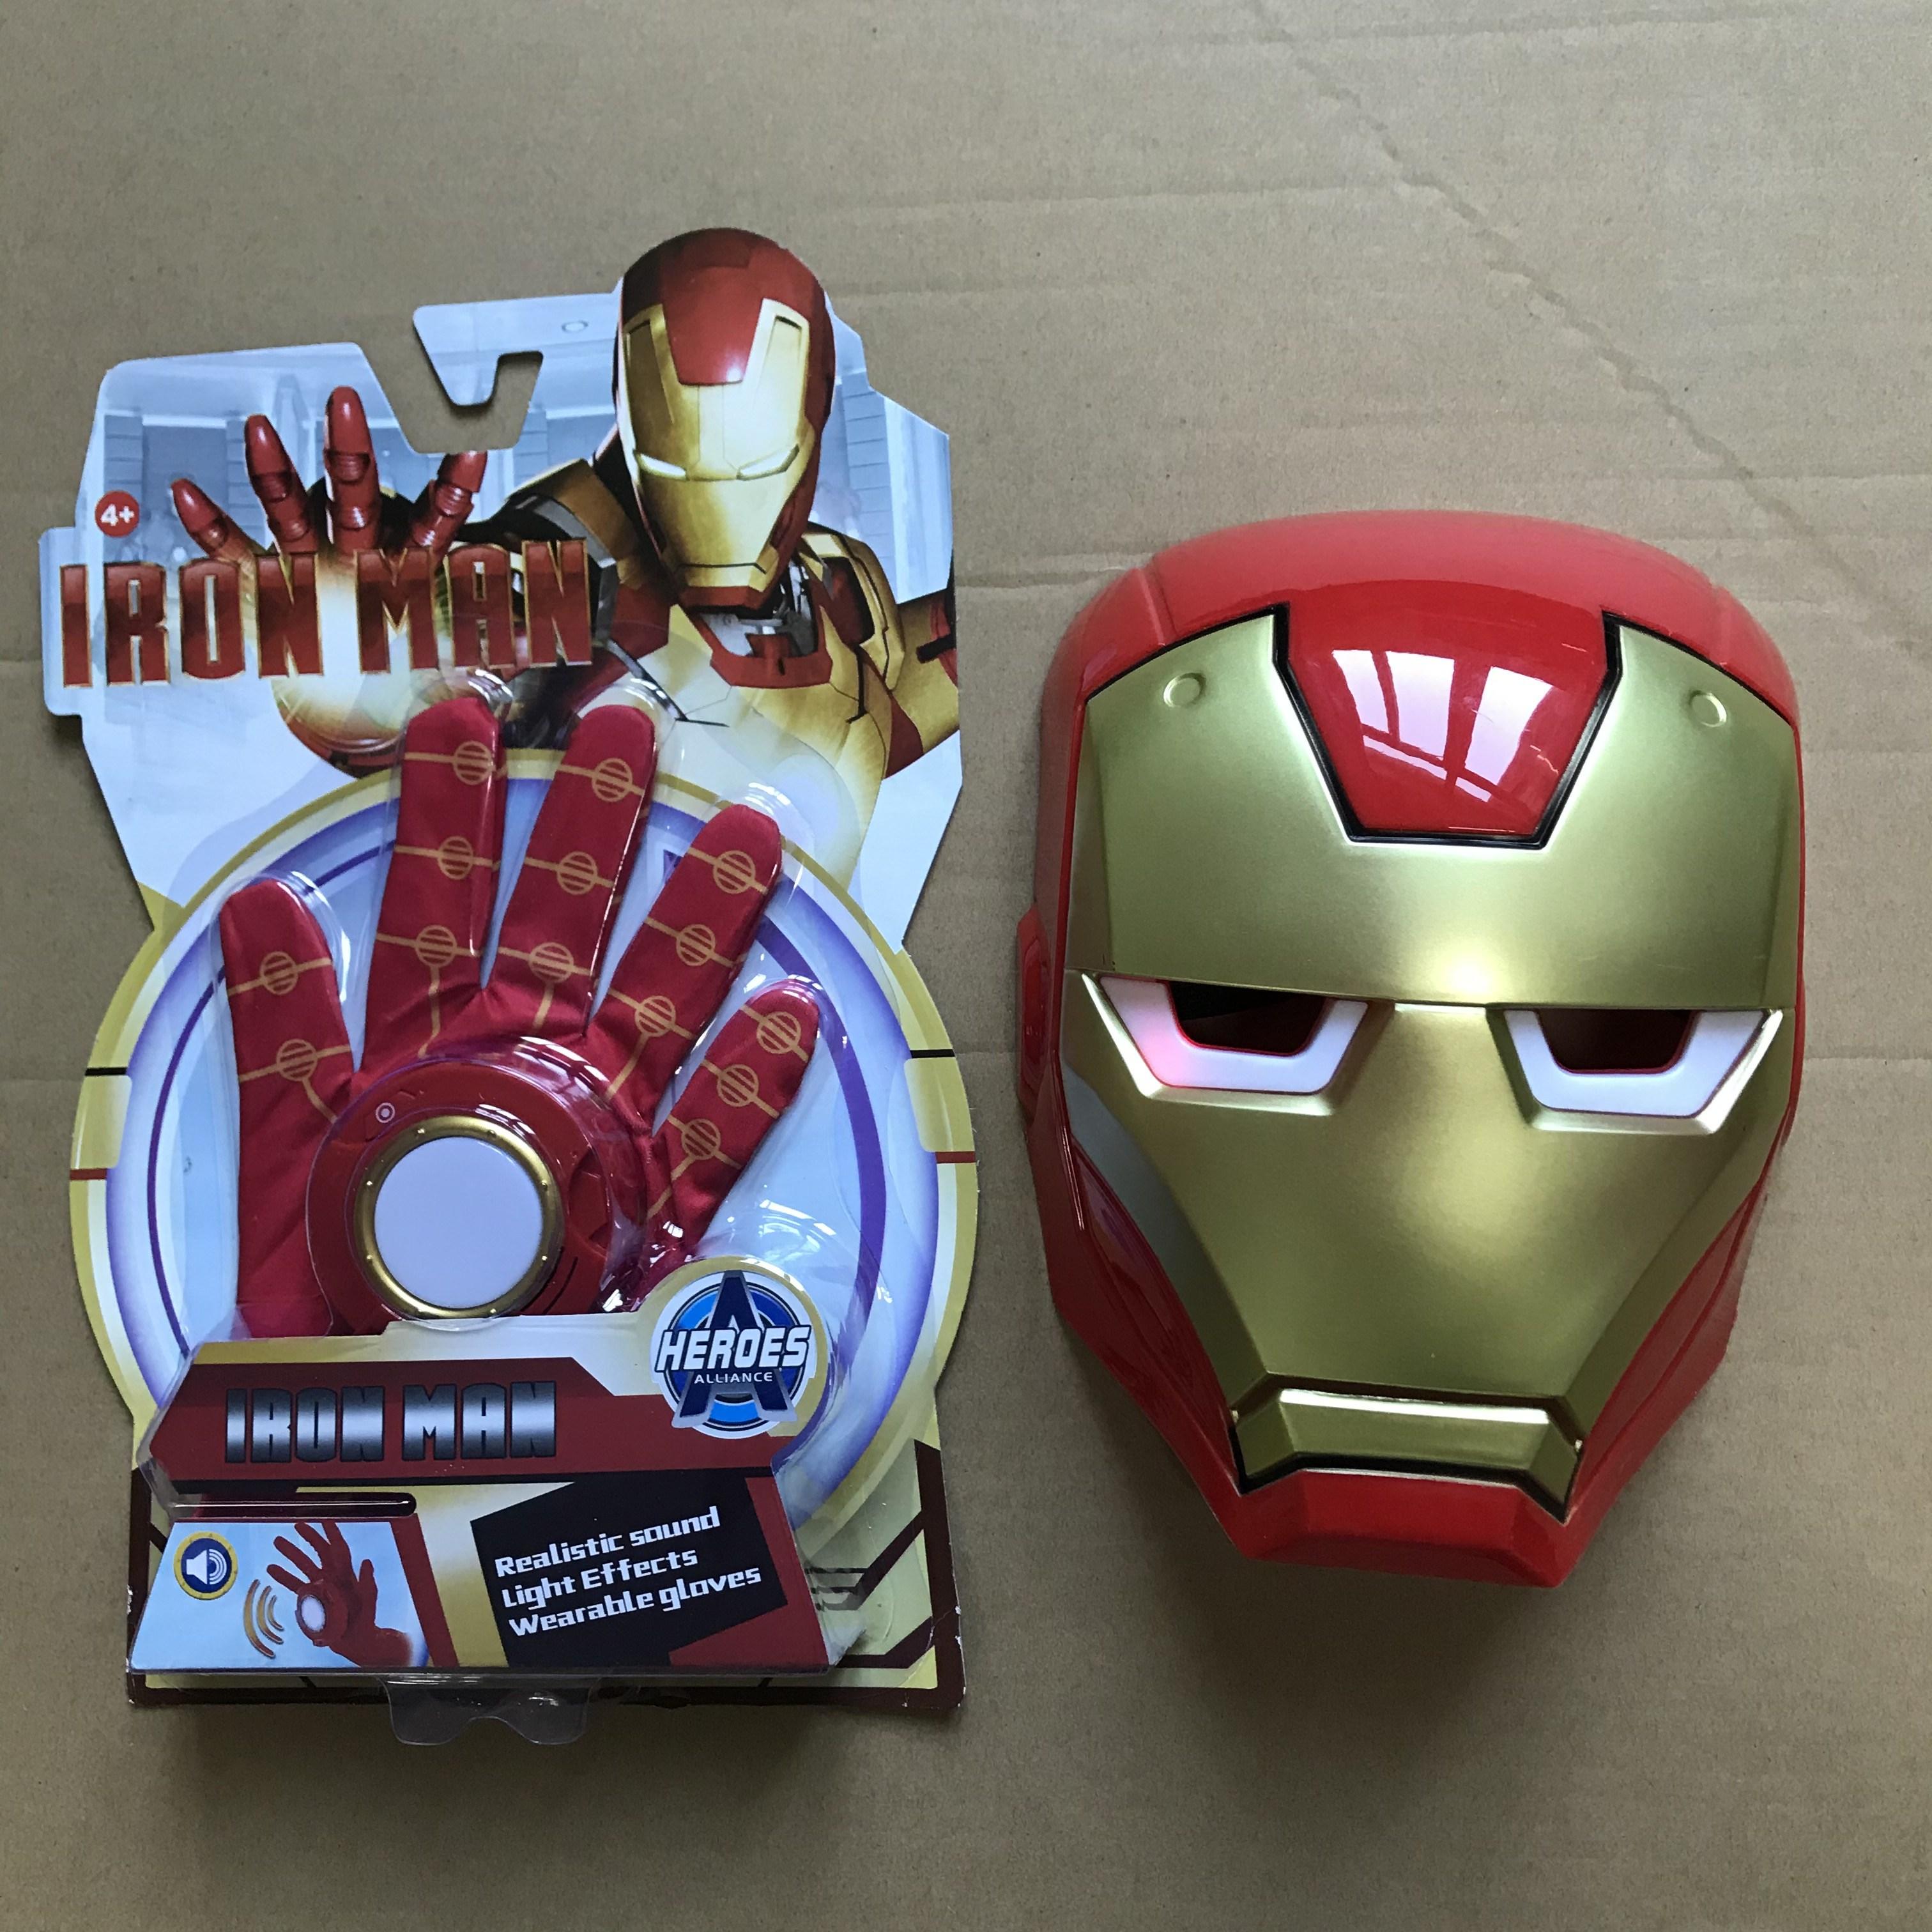 어린이 가면 아동 가면 아이언 가면 마스크 캡틴 아메리카 가면 마스크 조명 소리 작동, 아이언 맨 소리와 가벼운 장갑 + 빛나는 편안한 마스크 눈